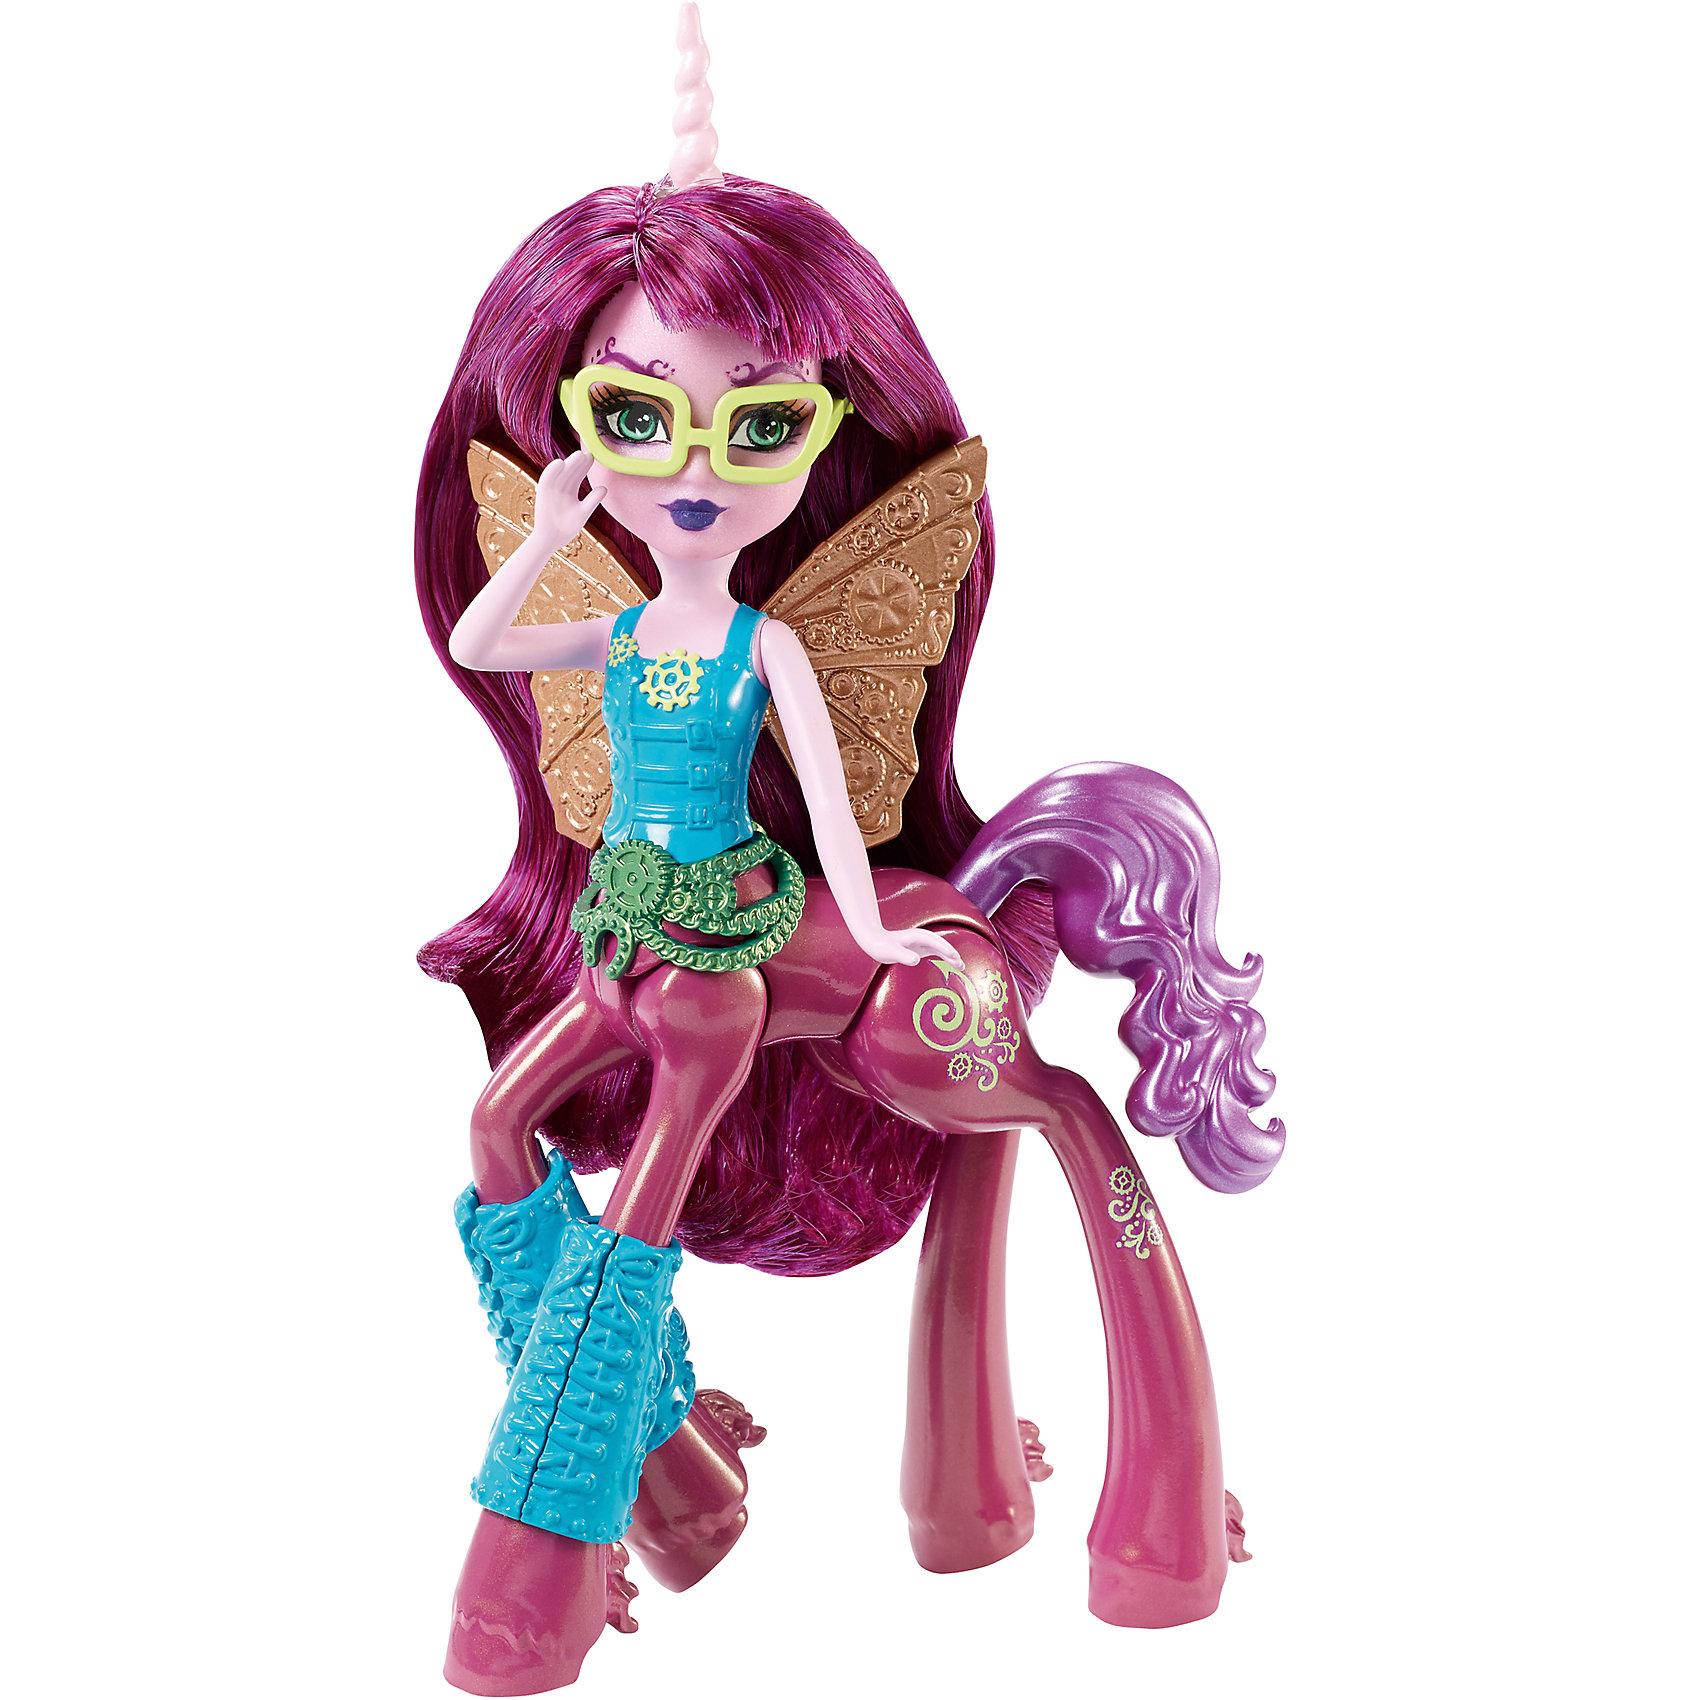 Кукла Пенепола Стимтейл, Fright-Mares, Monster HighБренды кукол<br>Характеристики:<br><br>• Вид игр: сюжетно-ролевые, для коллекционирования<br>• Пол: для девочки<br>• Серия: Мини-кентавры (Monster High Fright-Mares Fawtine Fallowhart Doll)<br>• Материал: пластик, полимер<br>• Цвет: розовый, голубой, золотистый, зеленый<br>• Высота куклы: 14,5 см<br>• Подвижные части тела<br>• Наличие украшение для ног, пояс, очки, крылышки<br>• Тип упаковки: картонная коробка<br>• Размеры упаковки (Д*Ш*В): 21*17*6 см<br>• Вес: 155 г<br><br>Кукла Пенепола Стимтейл, Fright-Mares, Monster High – это мини-кукла новой серии от Mattel, которые предстают в новом образе – наполовину кентавров и наполовину монстров. У каждой мини-куклы свой уникальный стиль и внешний вид.  Фаунтин Фэллоухарт – это бабочка-единорог с длинными ярко-розовыми волосами с челкой. На спине мини-куклы имеются ажурные золотистые крылья. Одета она в голубой топ, на талии – пояс с круглой пряжкой, на передних ногах – украшение с имитацией шнуровки. На голове у Пенеполы –  белый витой рог. Все элементы куклы выполнены из безопасного и нетоксичного пластика и полимера, в туловище имеется шарнир, который позволяет поворачивать корпус куклы в разные сторона. Голова и руки – подвижные. <br><br>Куклу Пенеполу Стимтейл, Fright-Mares, Monster High можно купить в нашем интернет-магазине.<br><br>Ширина мм: 205<br>Глубина мм: 60<br>Высота мм: 165<br>Вес г: 210<br>Возраст от месяцев: 72<br>Возраст до месяцев: 144<br>Пол: Женский<br>Возраст: Детский<br>SKU: 5147887